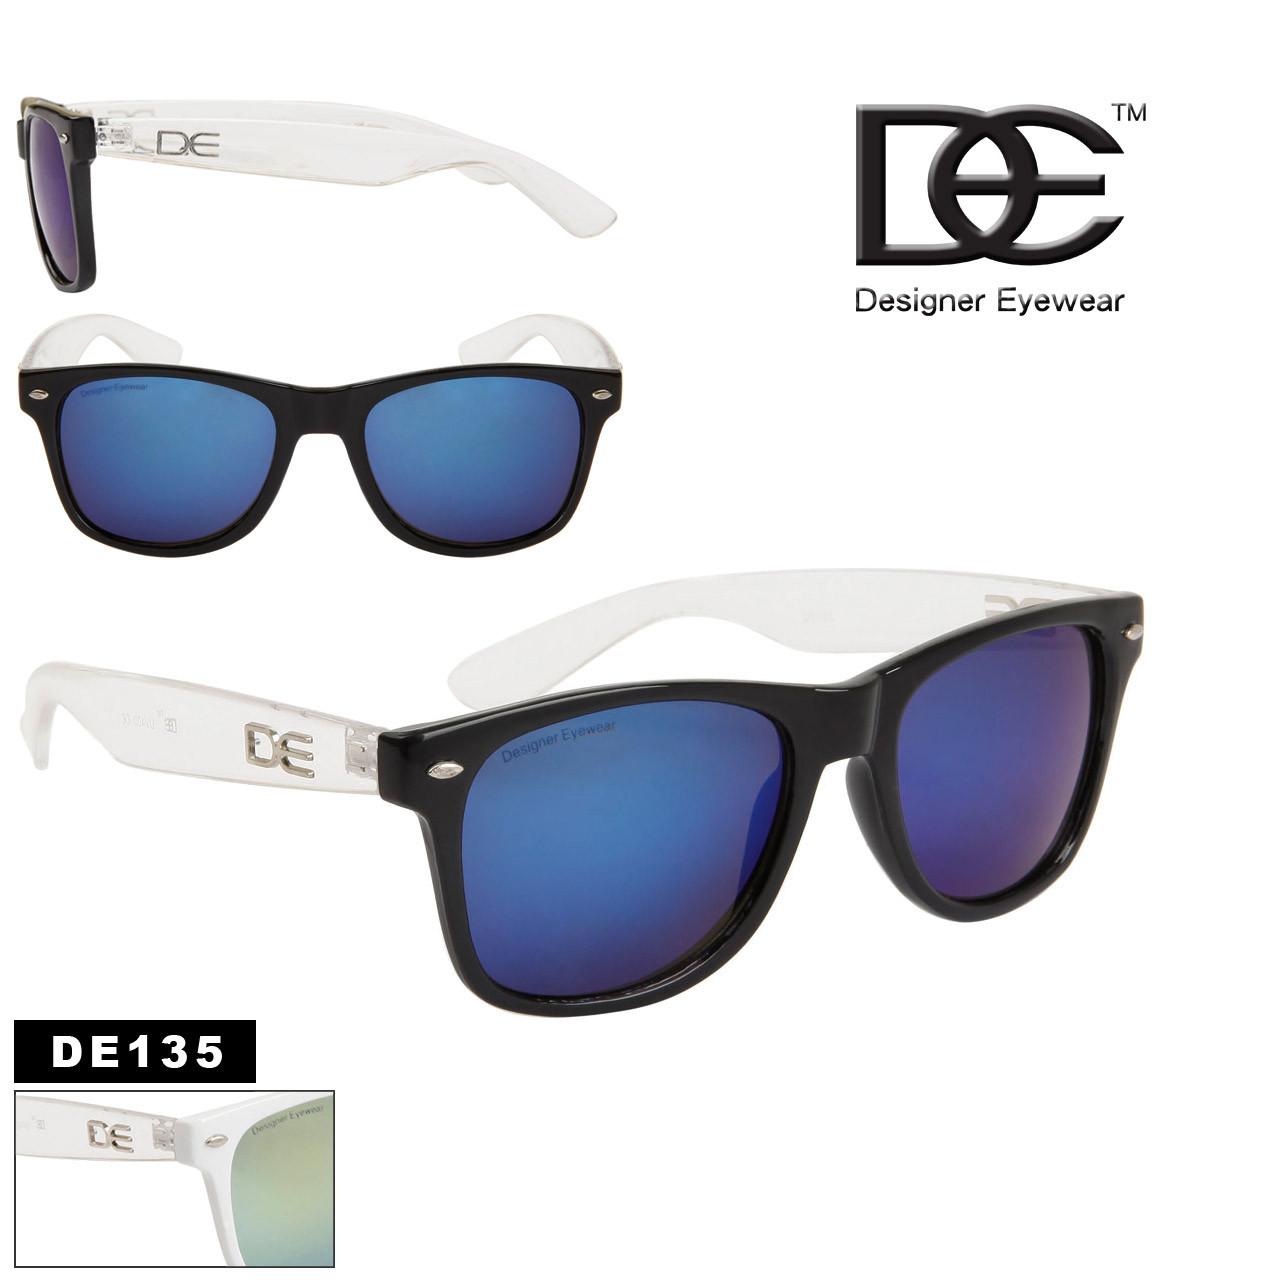 DE135 California Classics Sunglasses